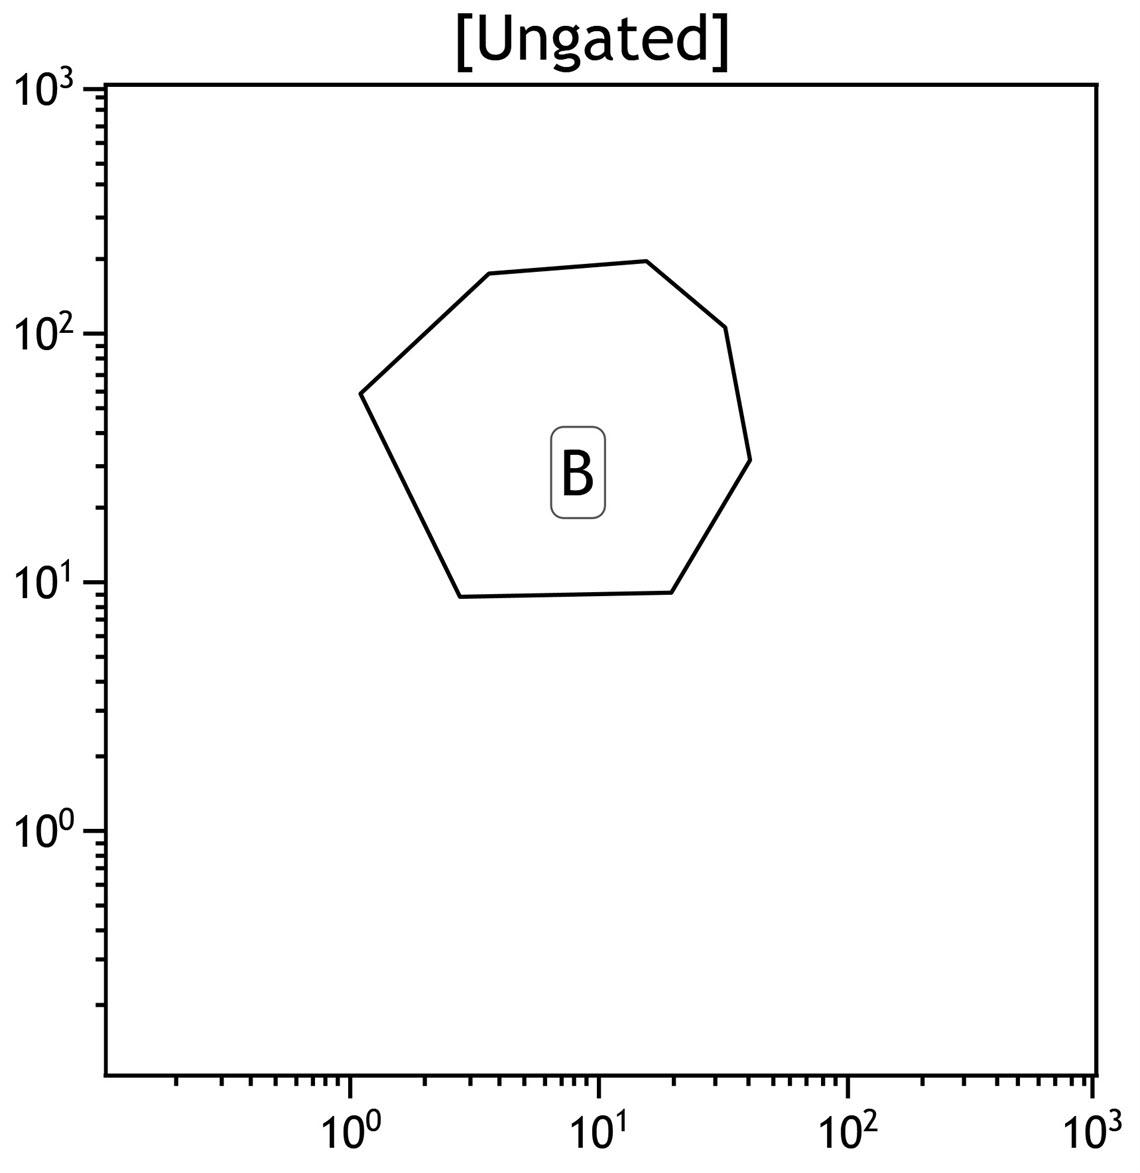 Kaluza plot showing a polygon gate applied